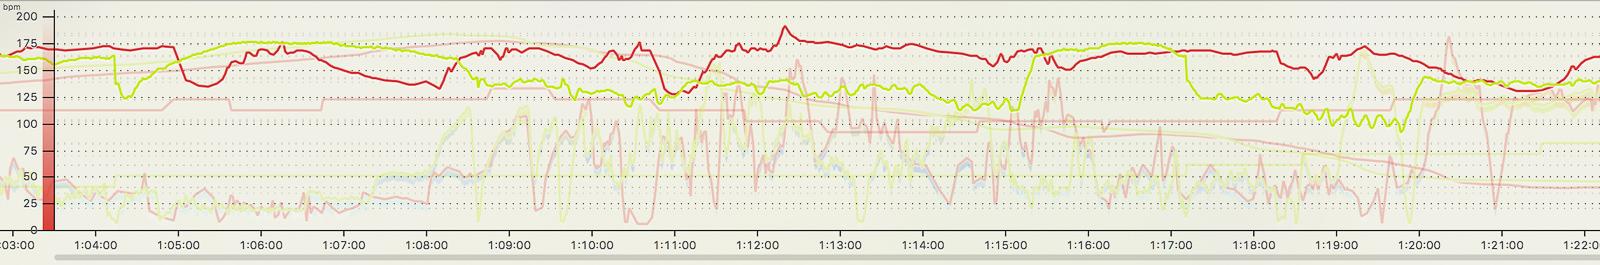 Pulskurve grün: Garmin Edge 520 mit Pulsgurt, Pulskurve rot: Garmin Fenix 3 mit Handgelenk-Messung